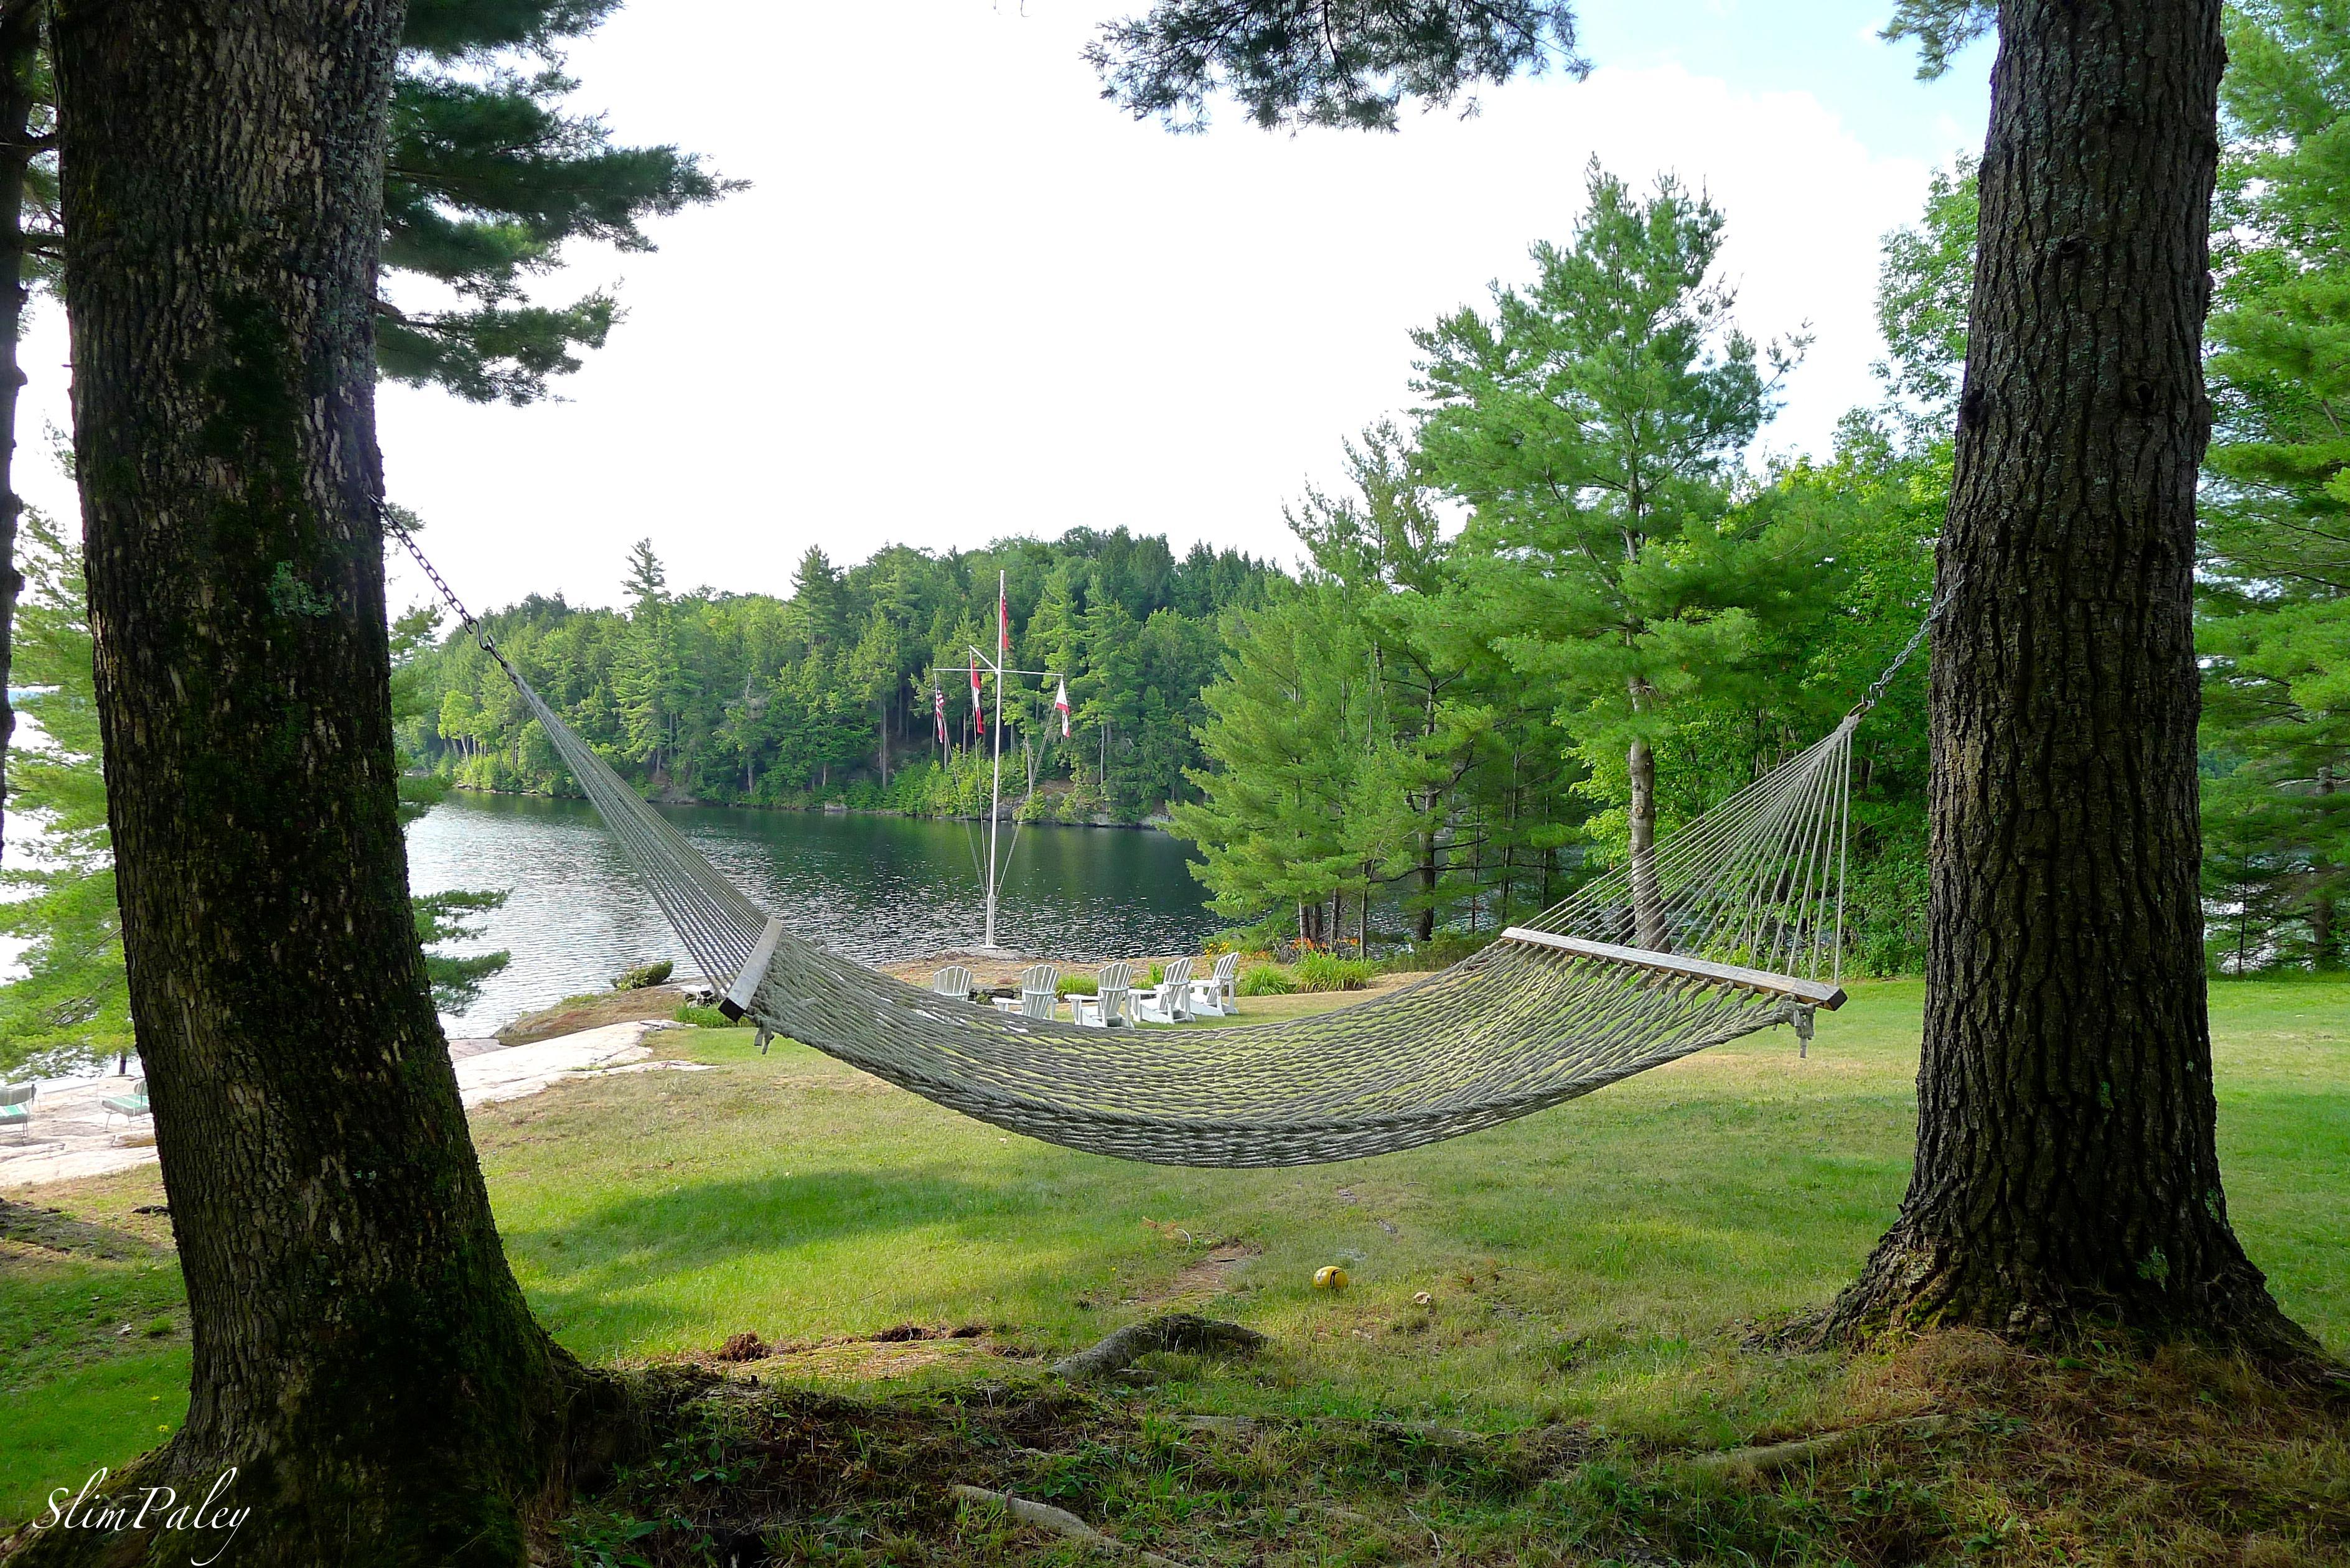 lakeside hammock, Muskoka, Ontario